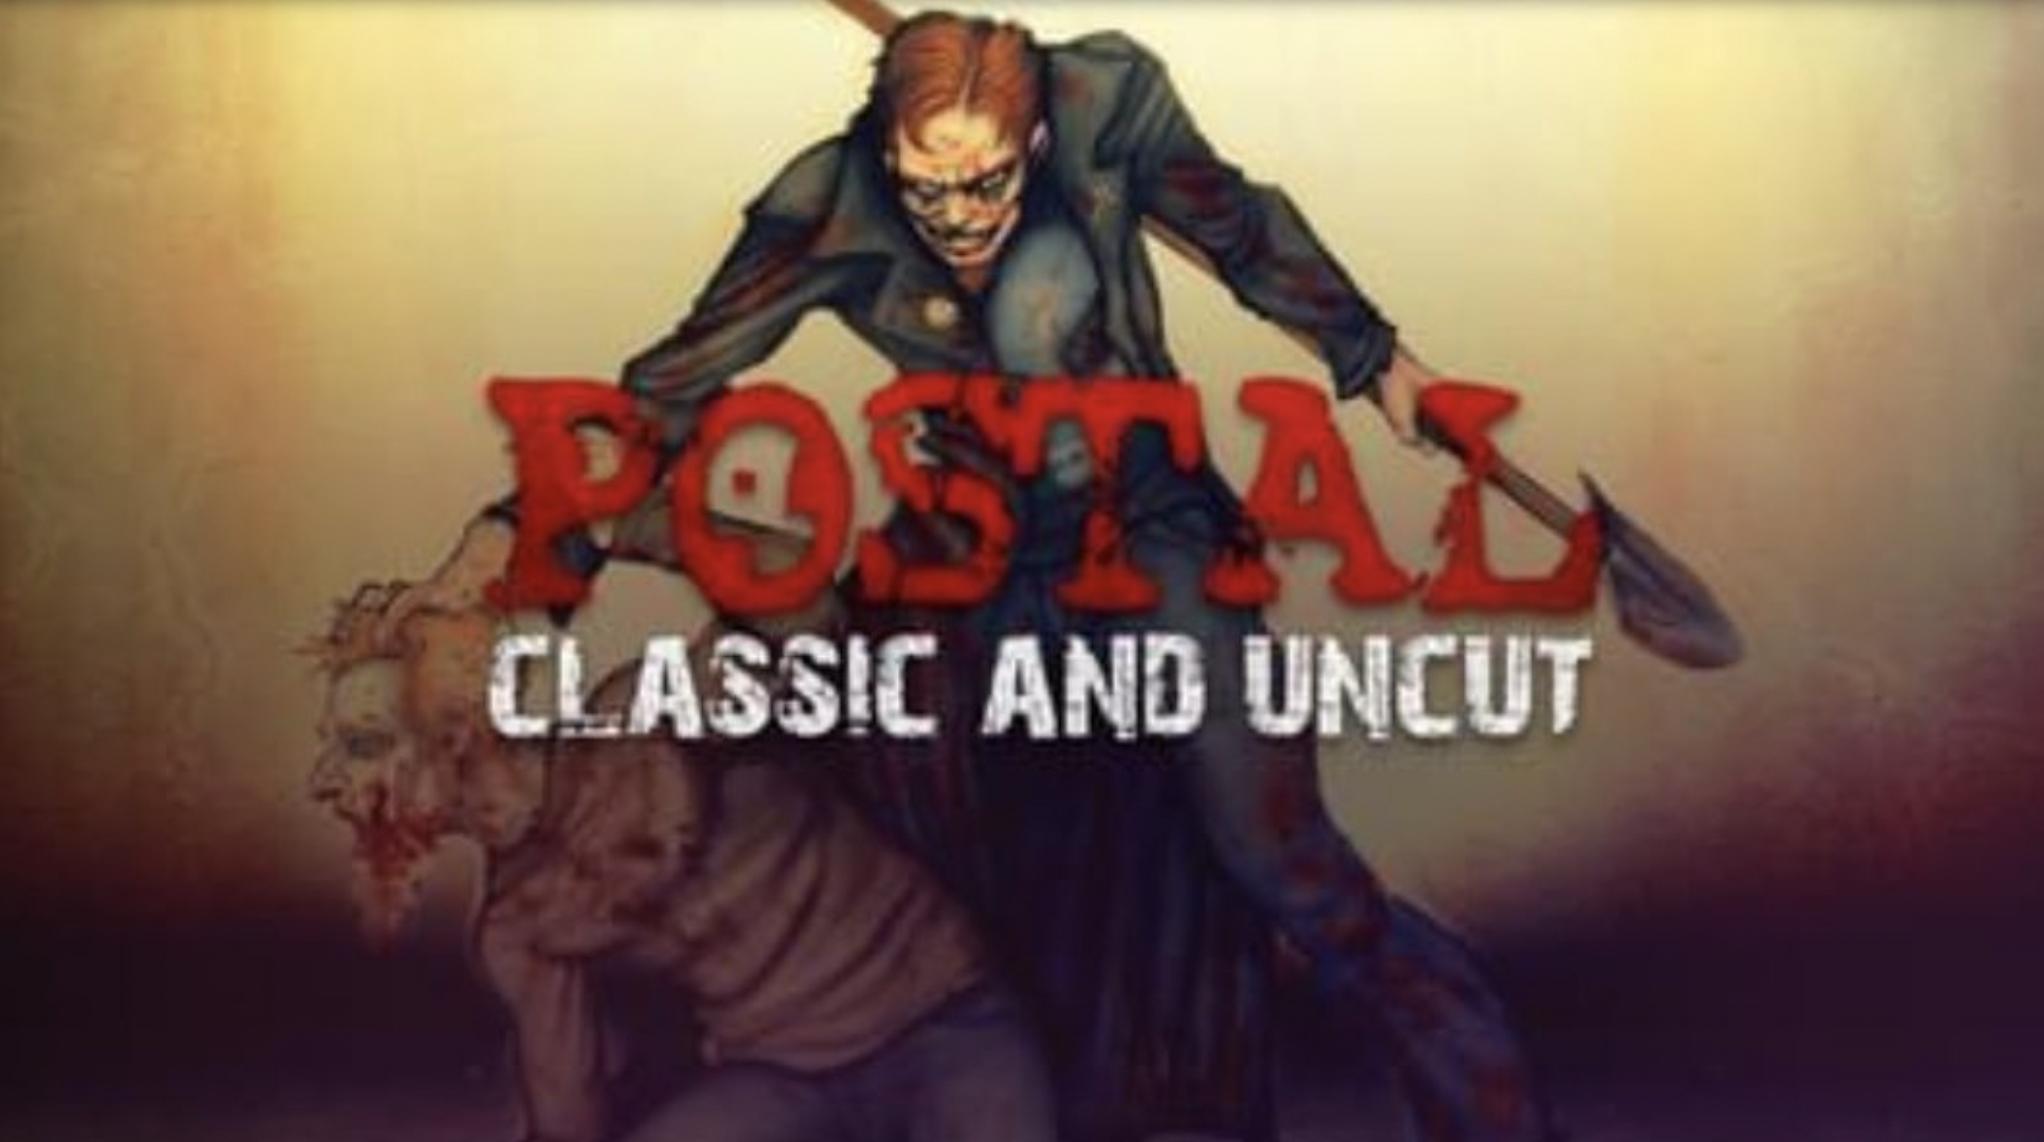 Postal Classic and Uncut (PC) - Free on GOG.com